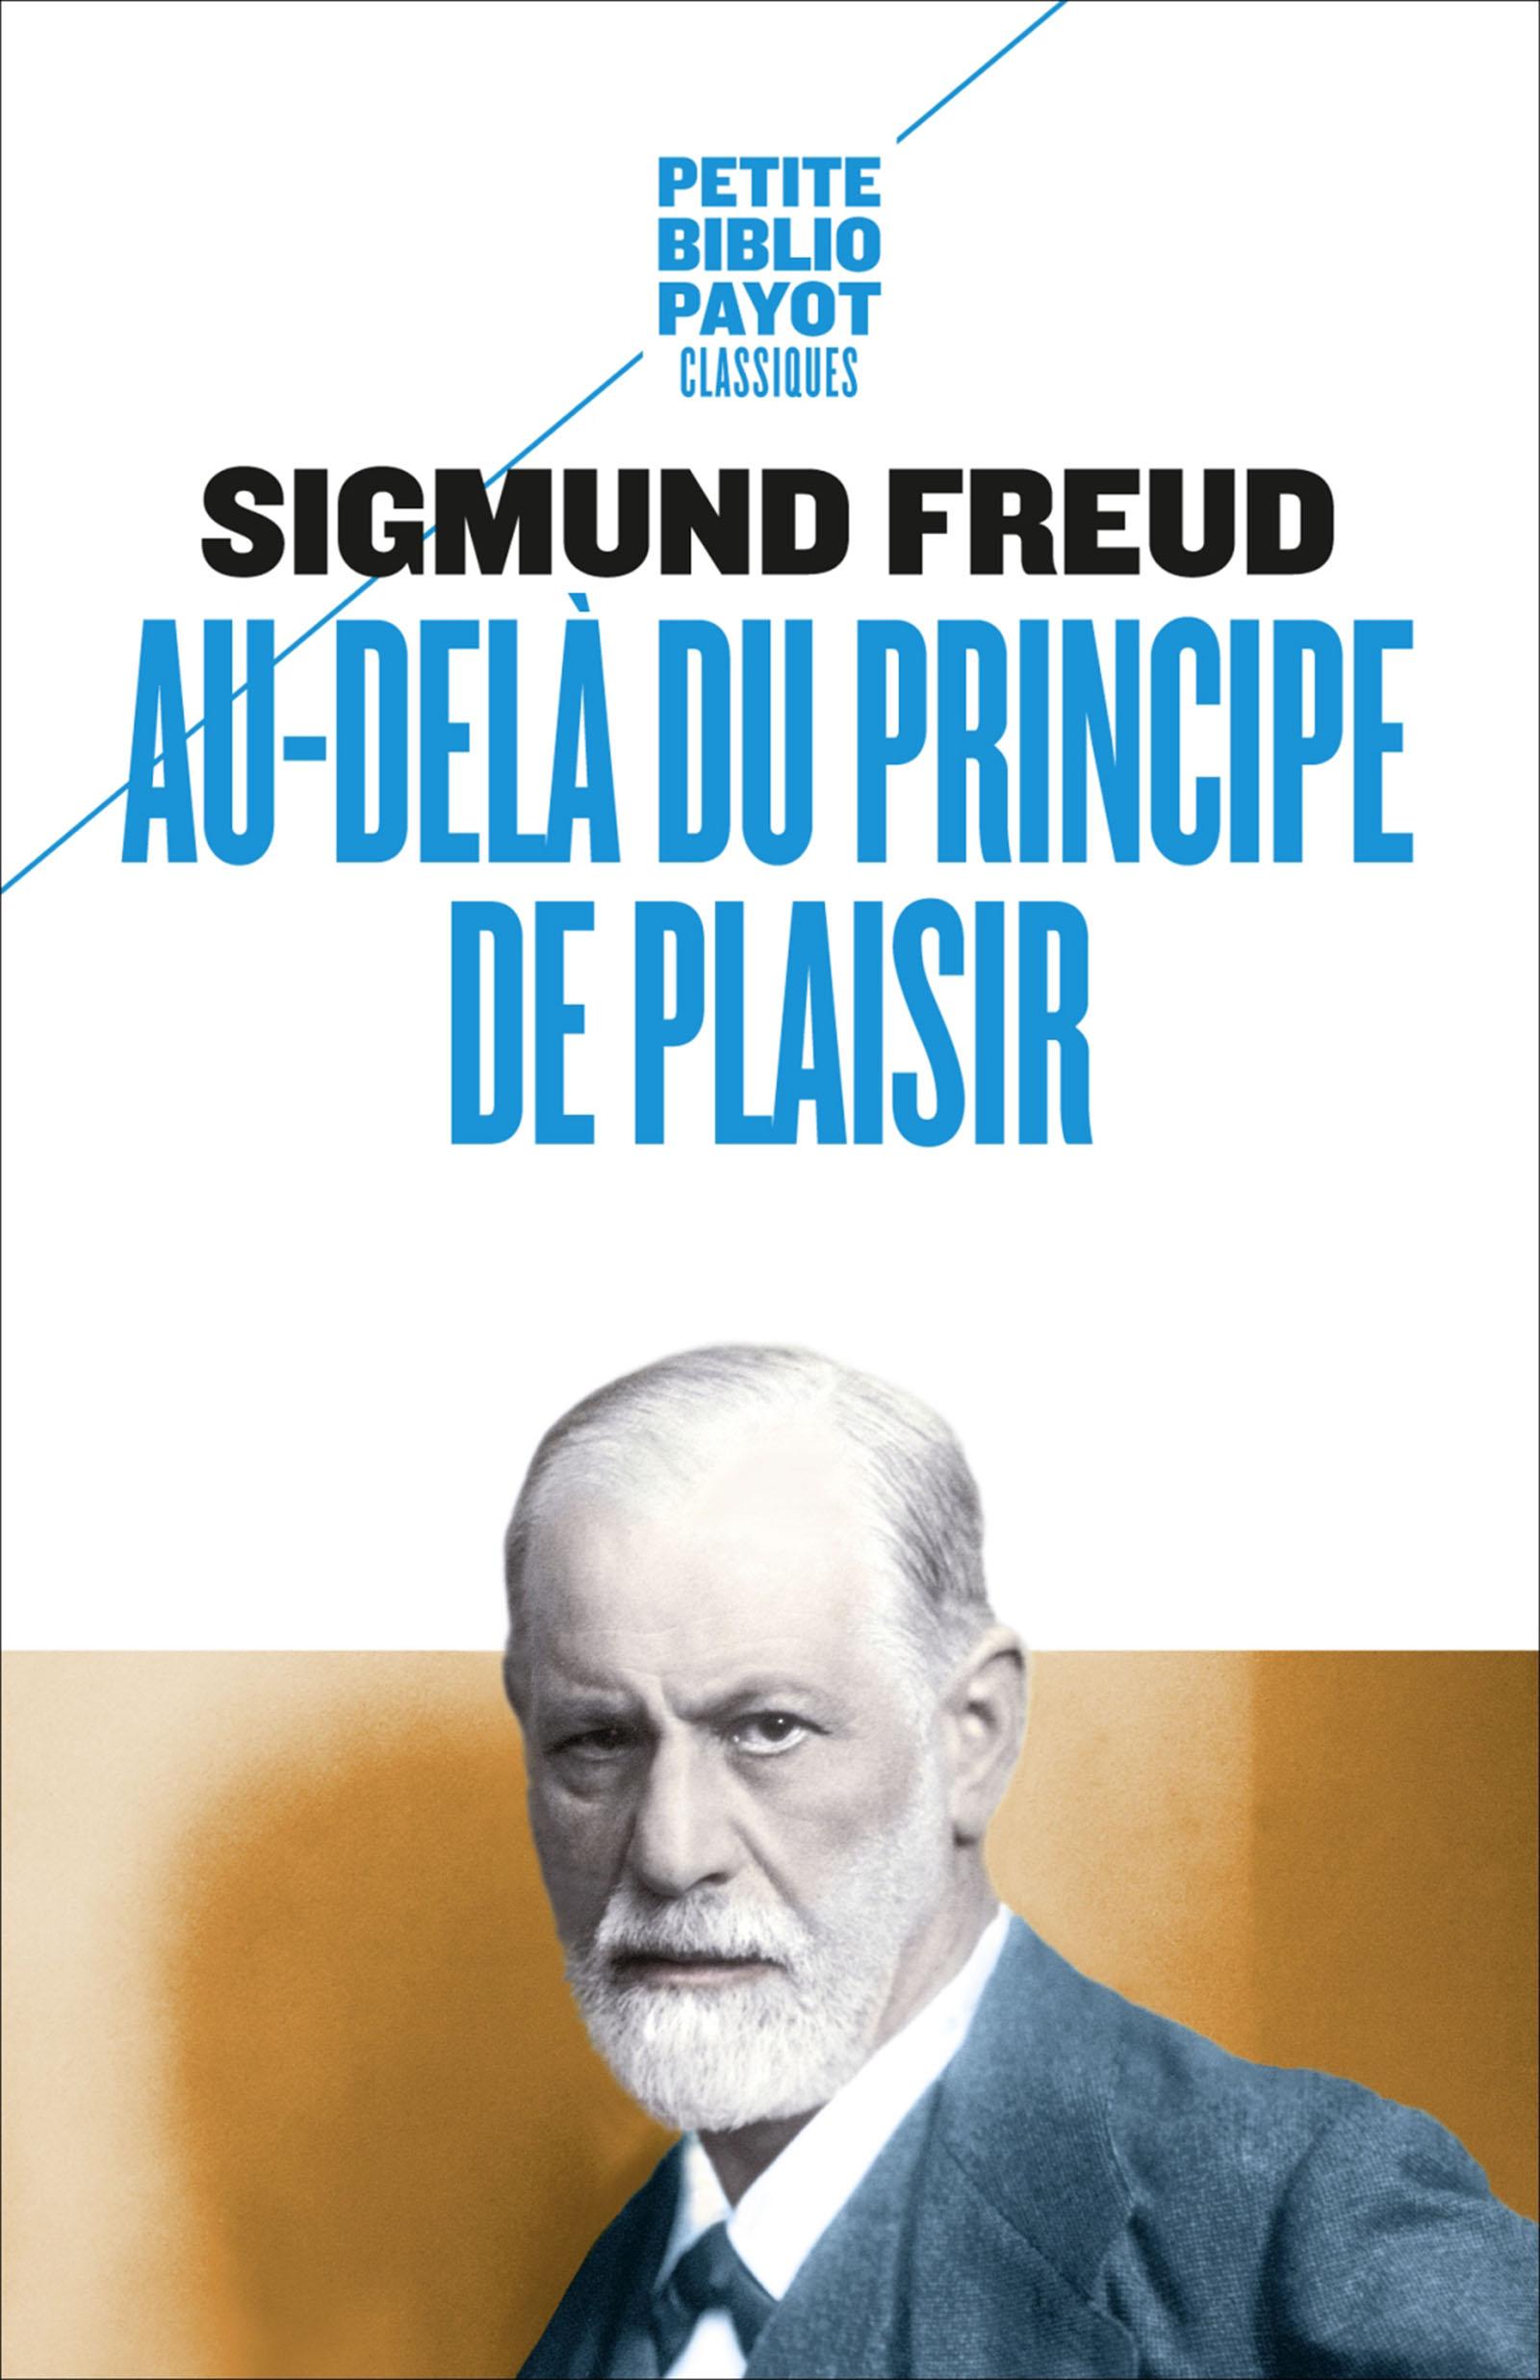 AU-DELA DU PRINCIPE DE PLAISIR PBP 761